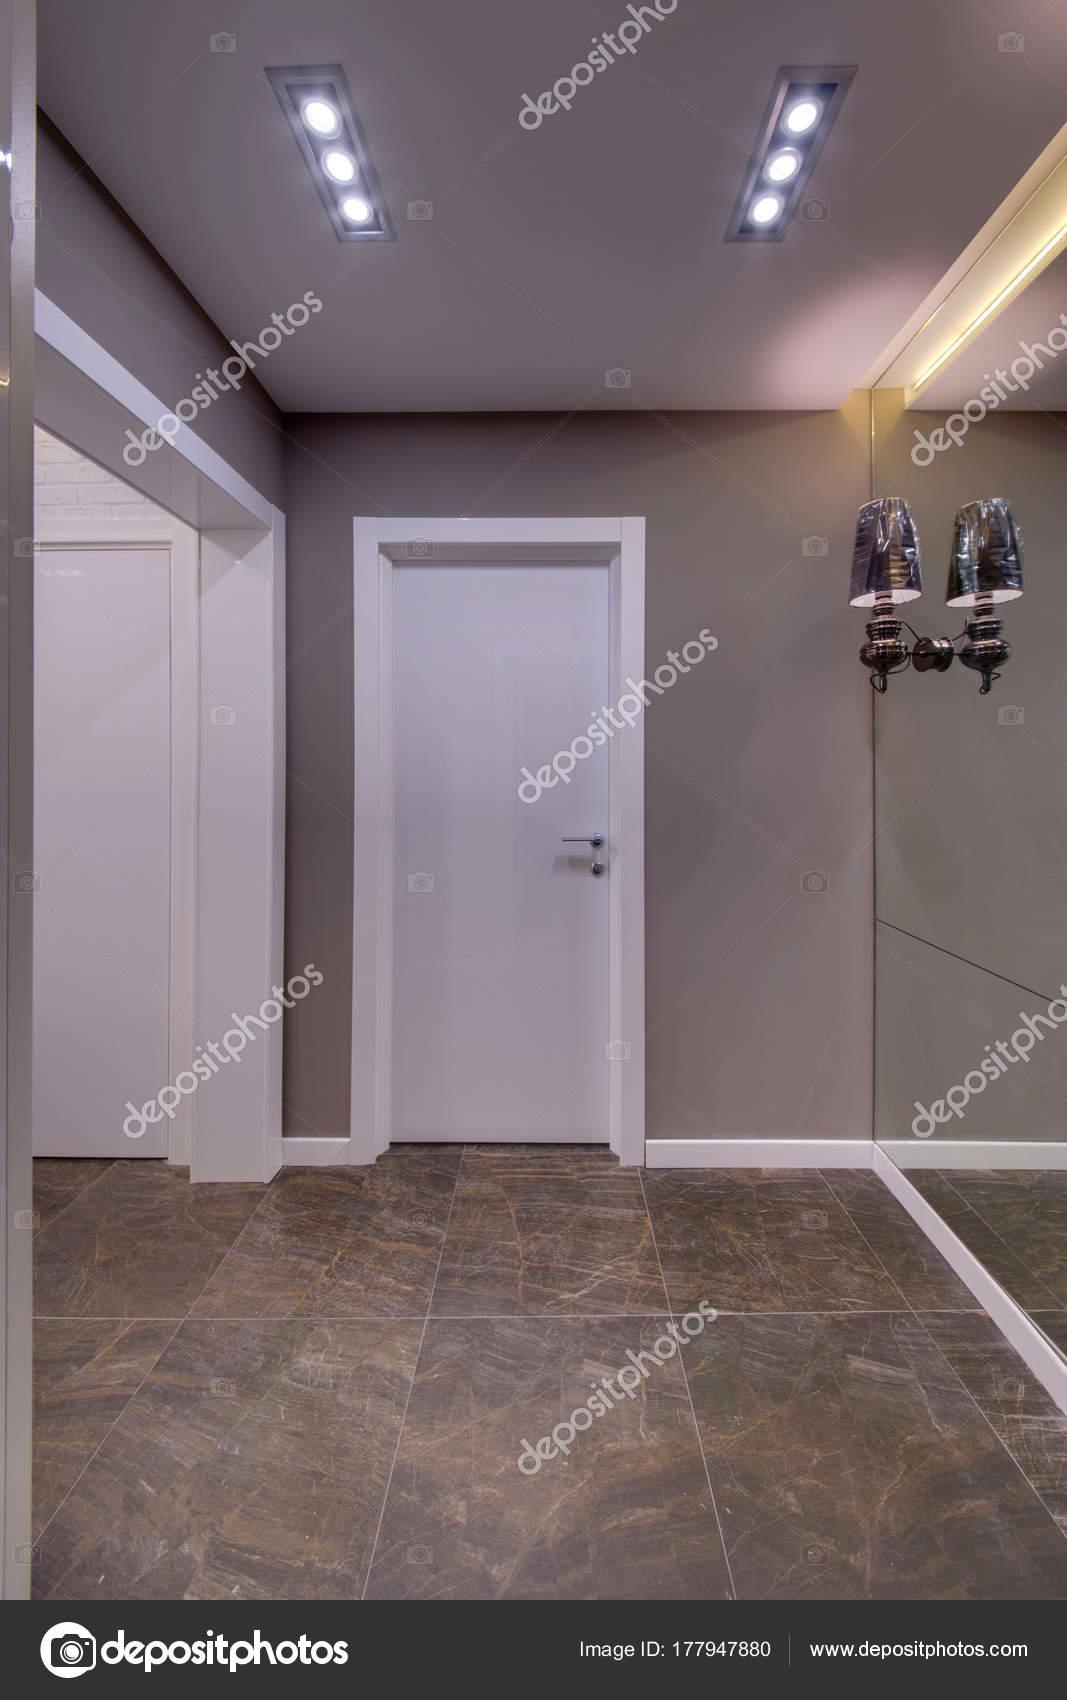 Couloir avec portes blanc plancher fonc grand miroir dans sol photographie twins03 177947880 for Grand miroir sol